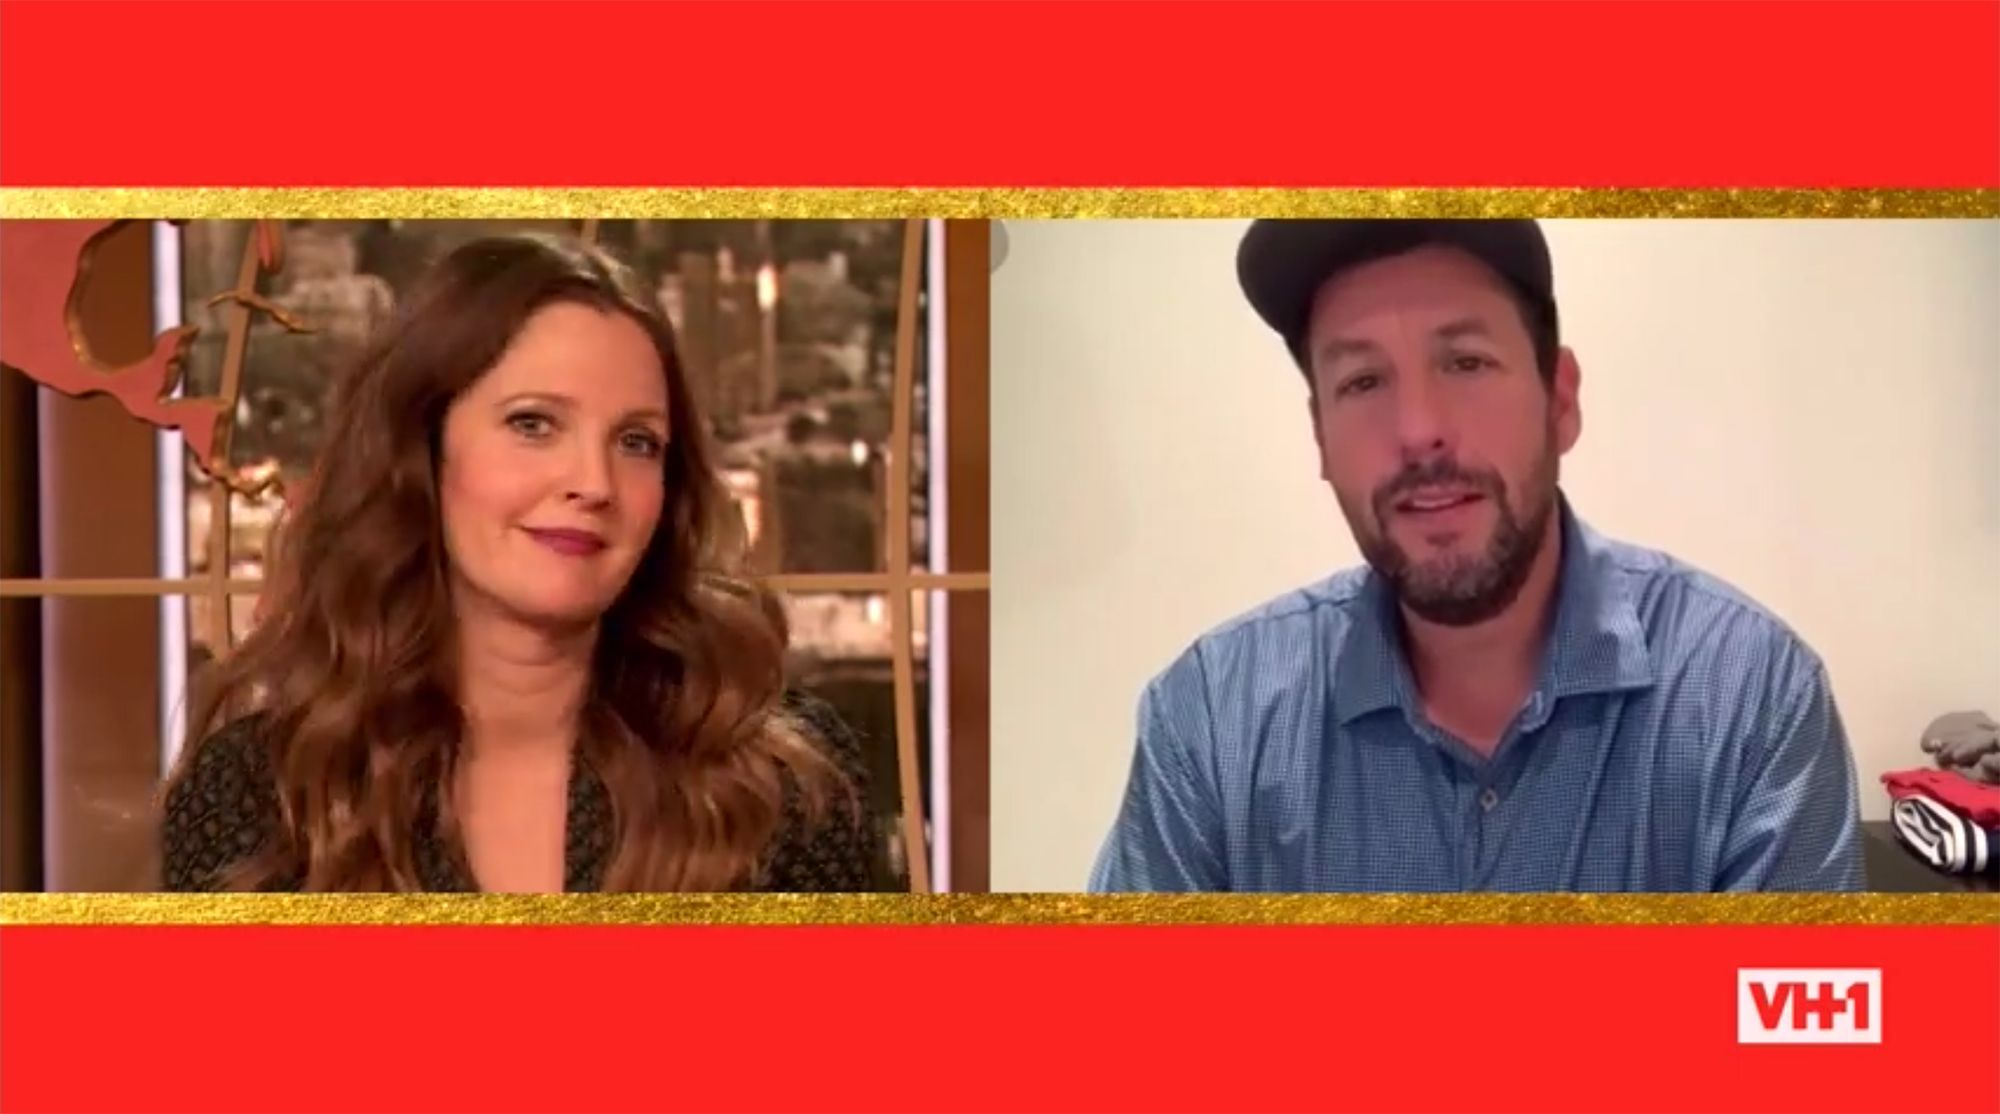 Adam Sandler And Drew Barrymore Tease Making Fourth Film Together At Mtv Movie Tv Awards Adam Sandler Tv Awards Mtv